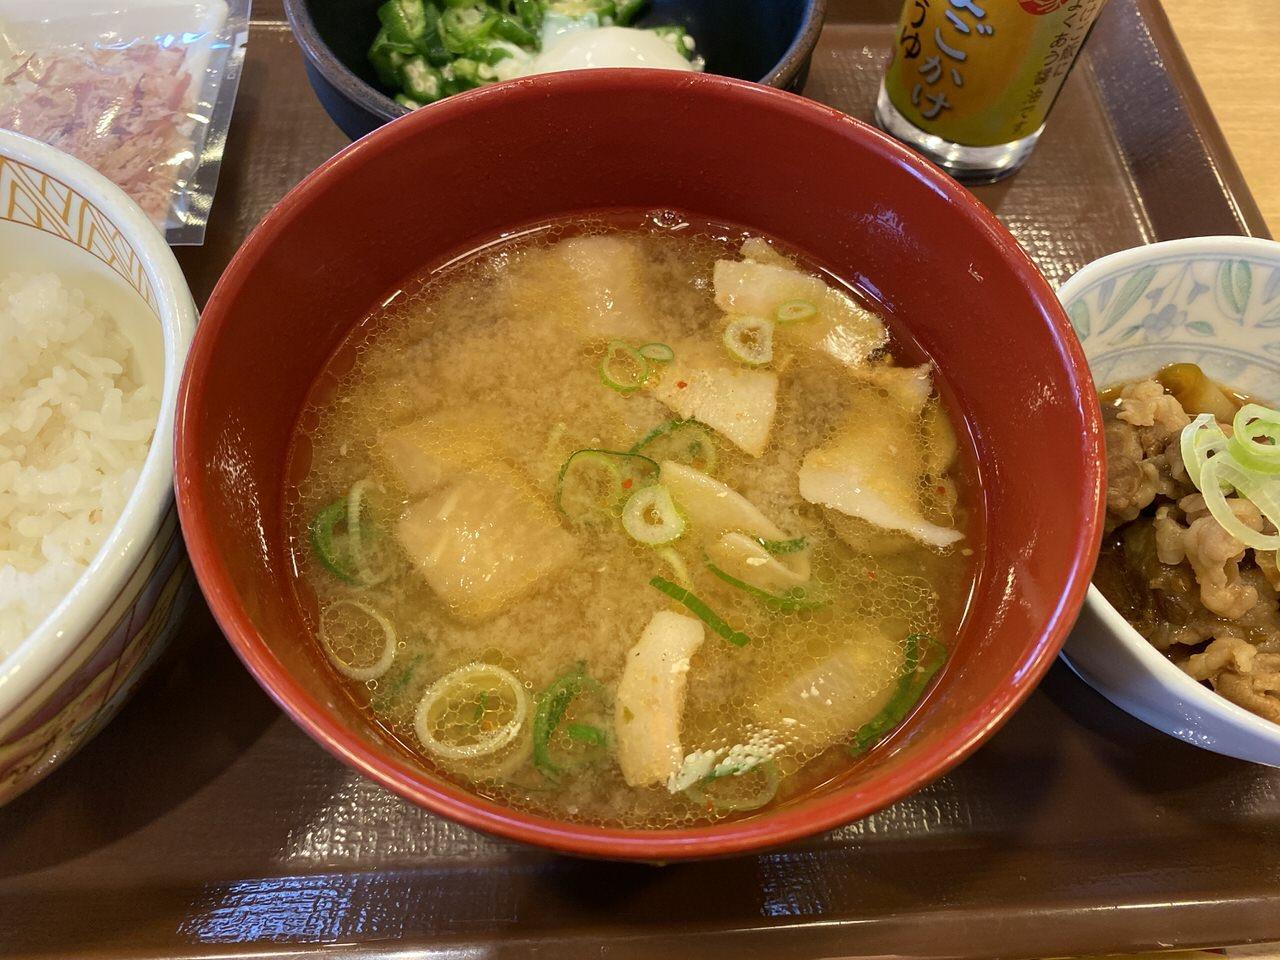 すき家の朝食で味噌汁を豚汁に変更 3